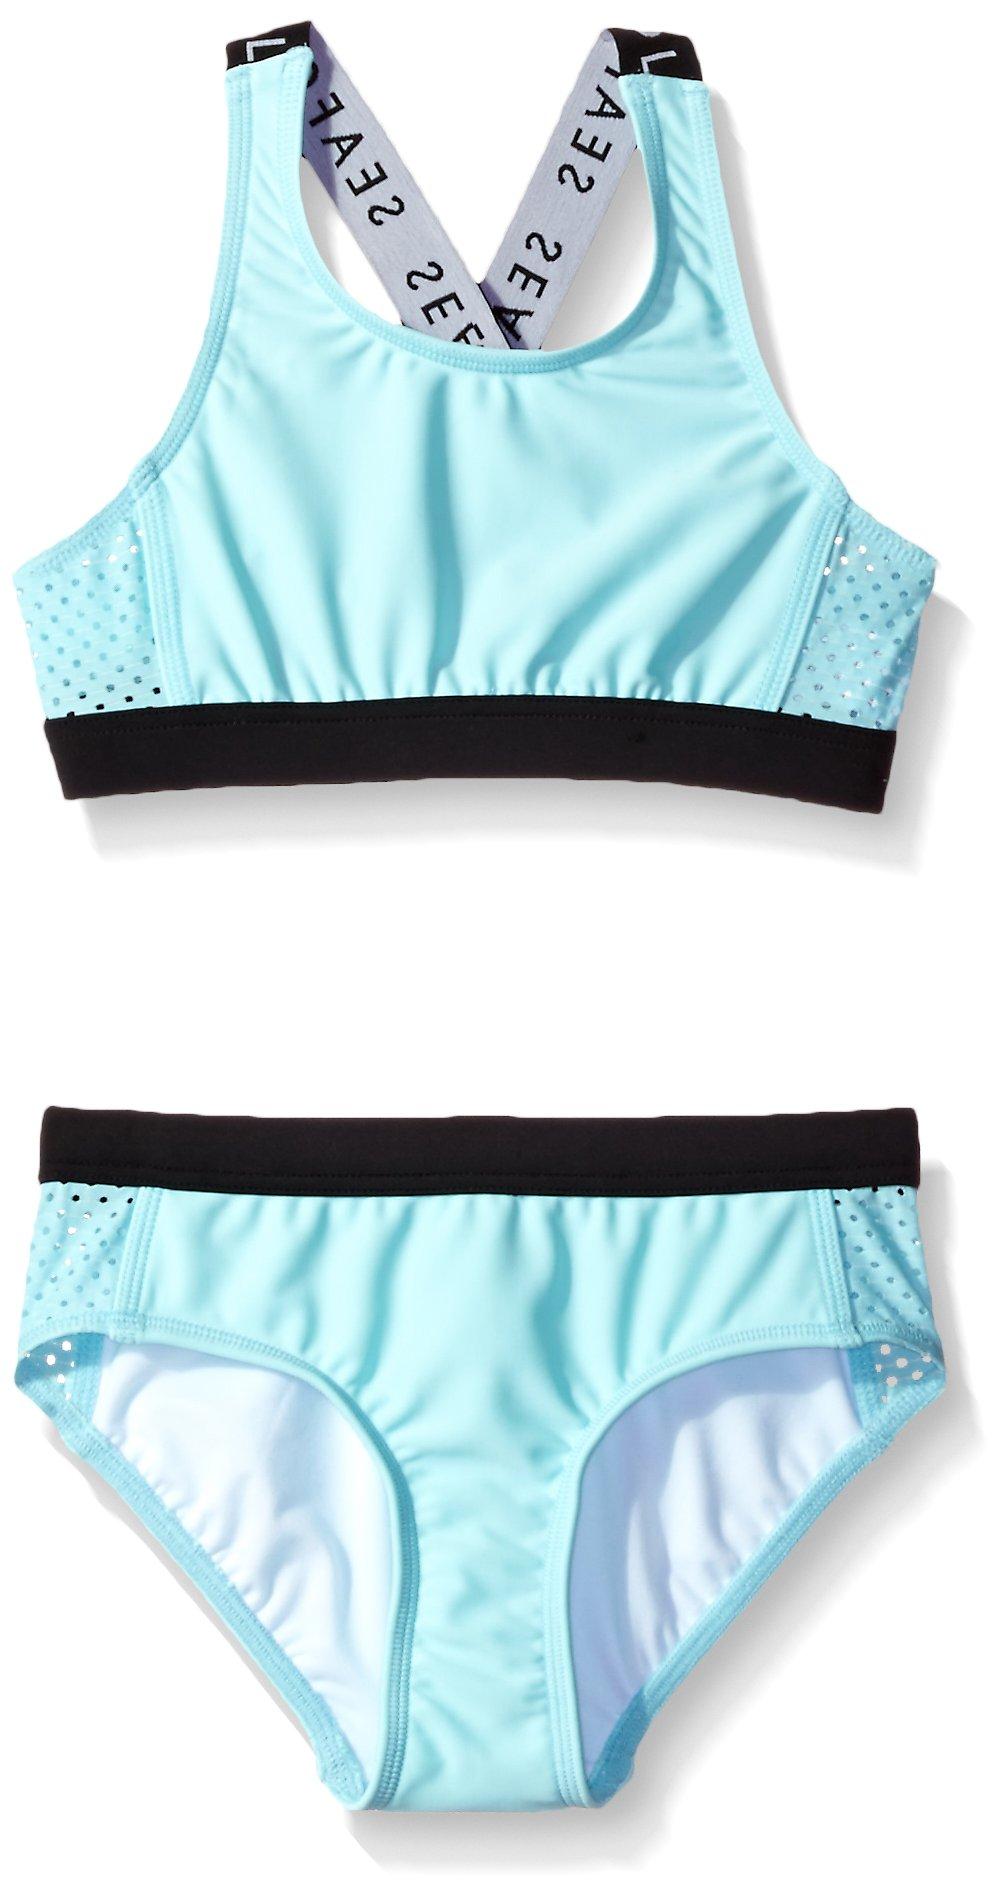 Seafolly Big Girls' Summer Essentials Tankini, Sky Blue, 10